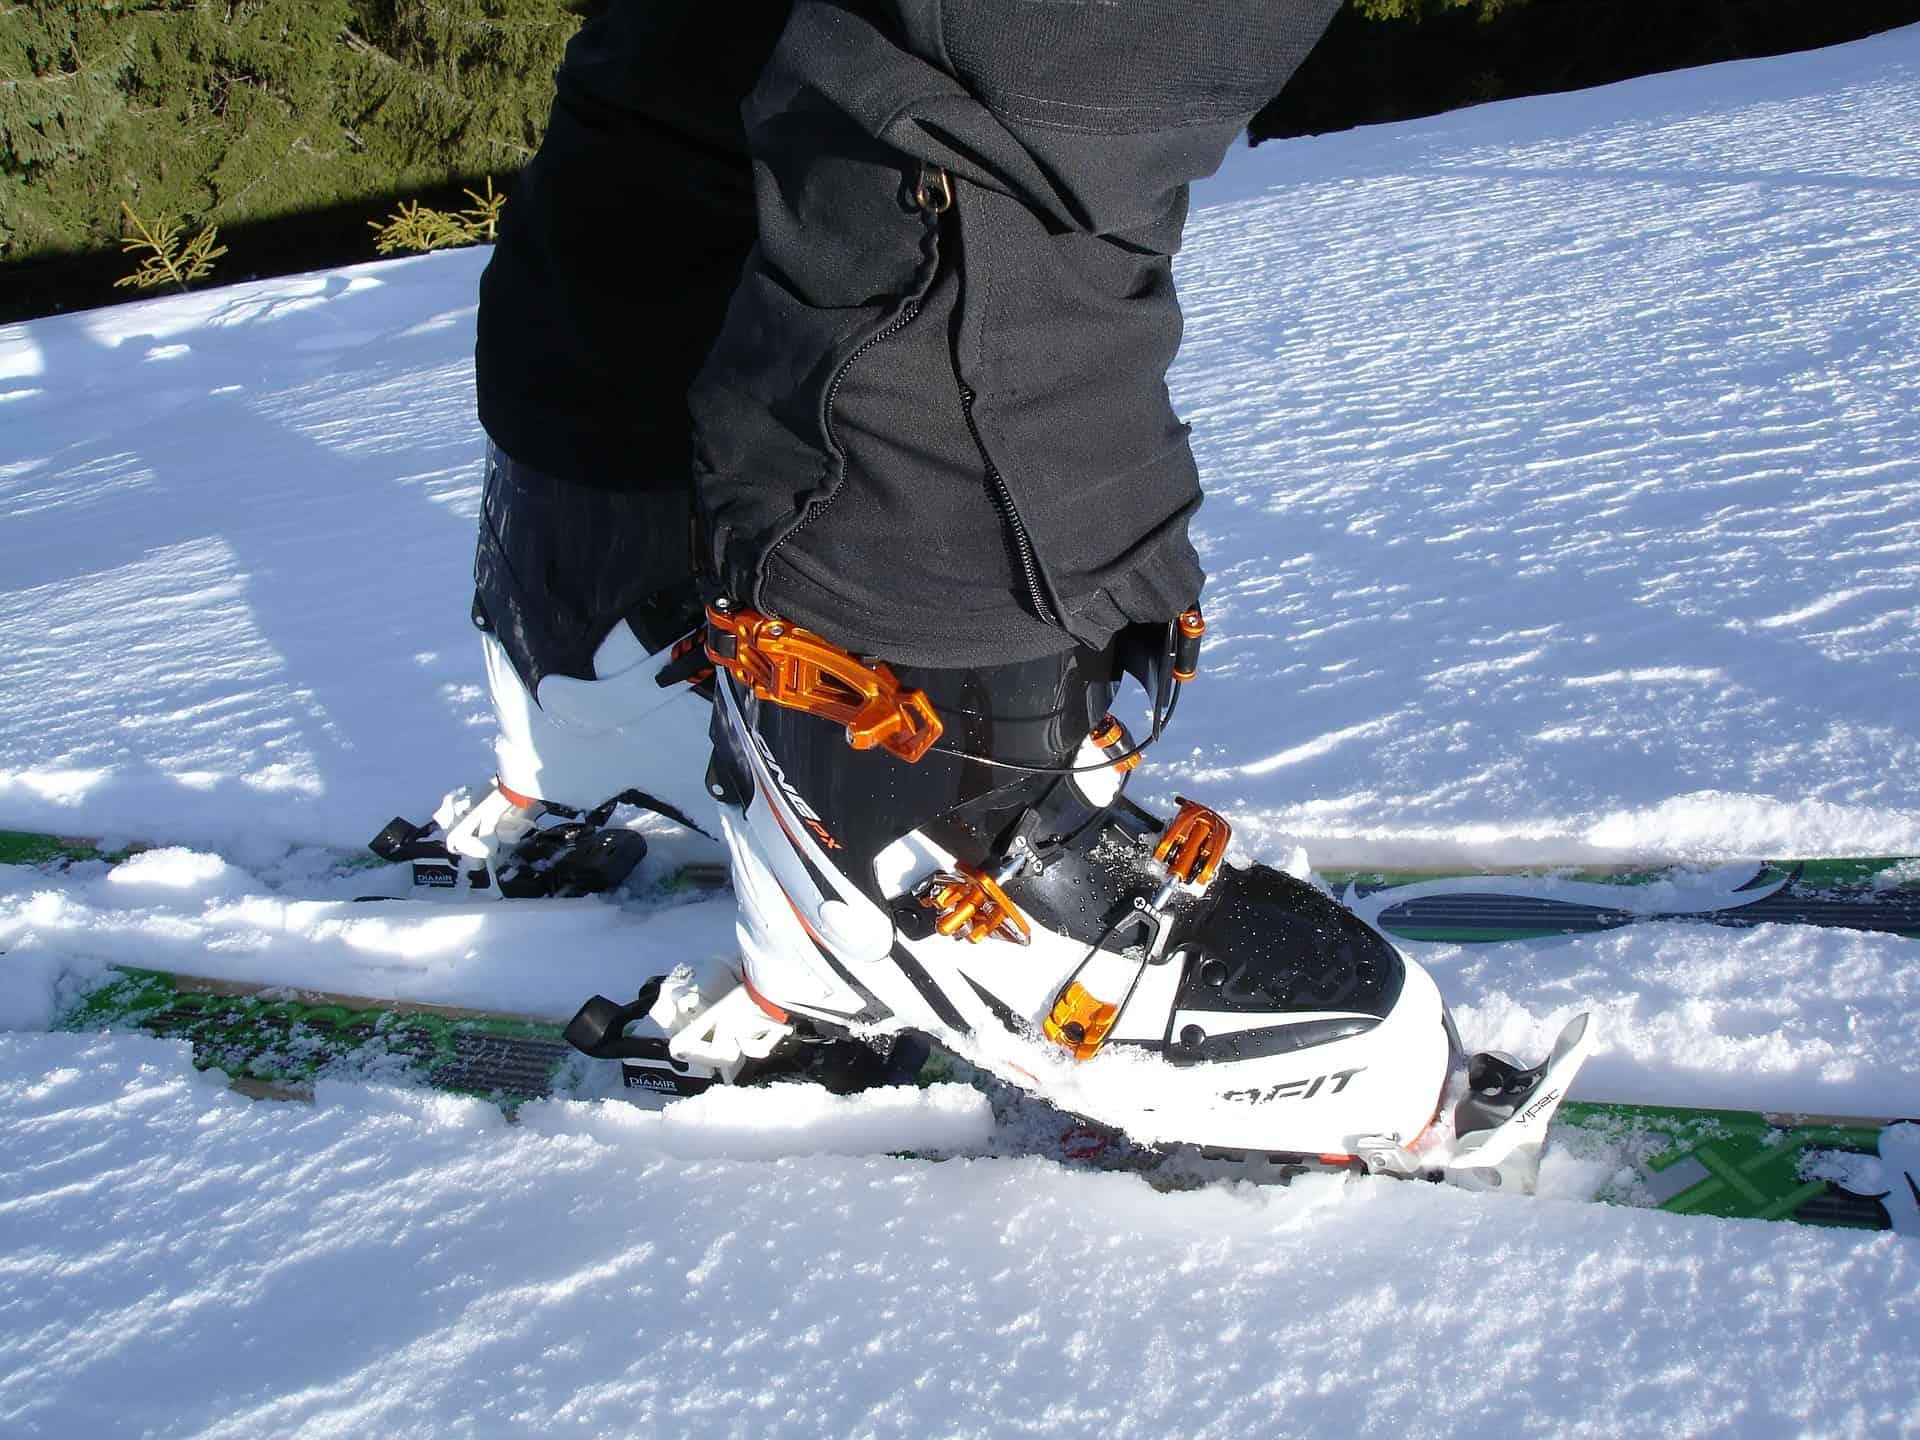 Skischuhe: Test & Empfehlungen (07/20)